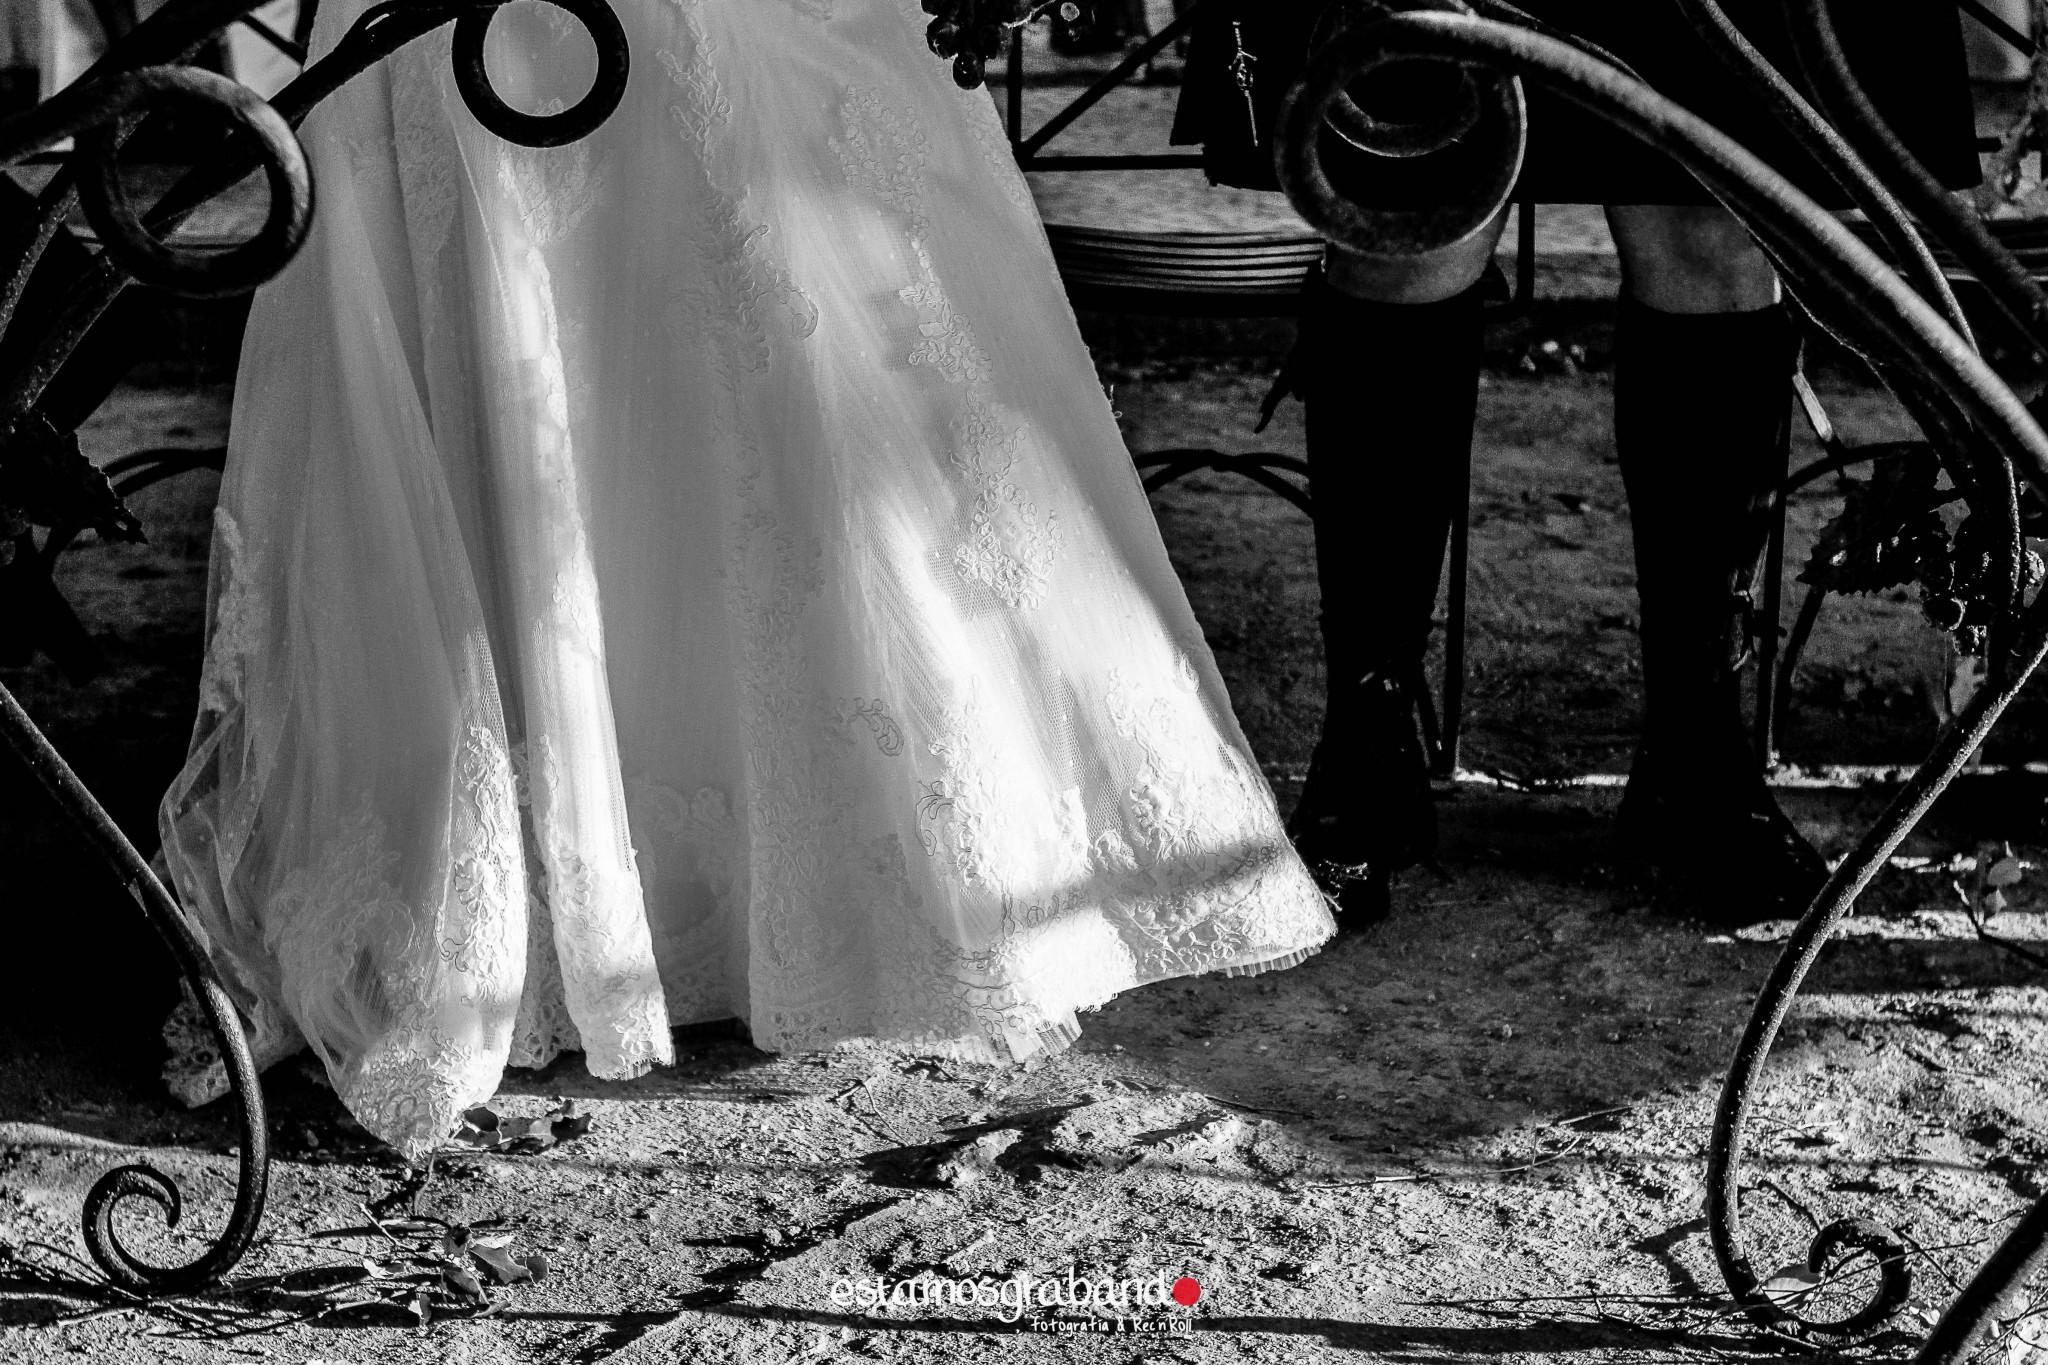 vee-y-juan_boda-escocesa-9 La boda de Braveheart (Spanish version)_Vee & Juan - video boda cadiz